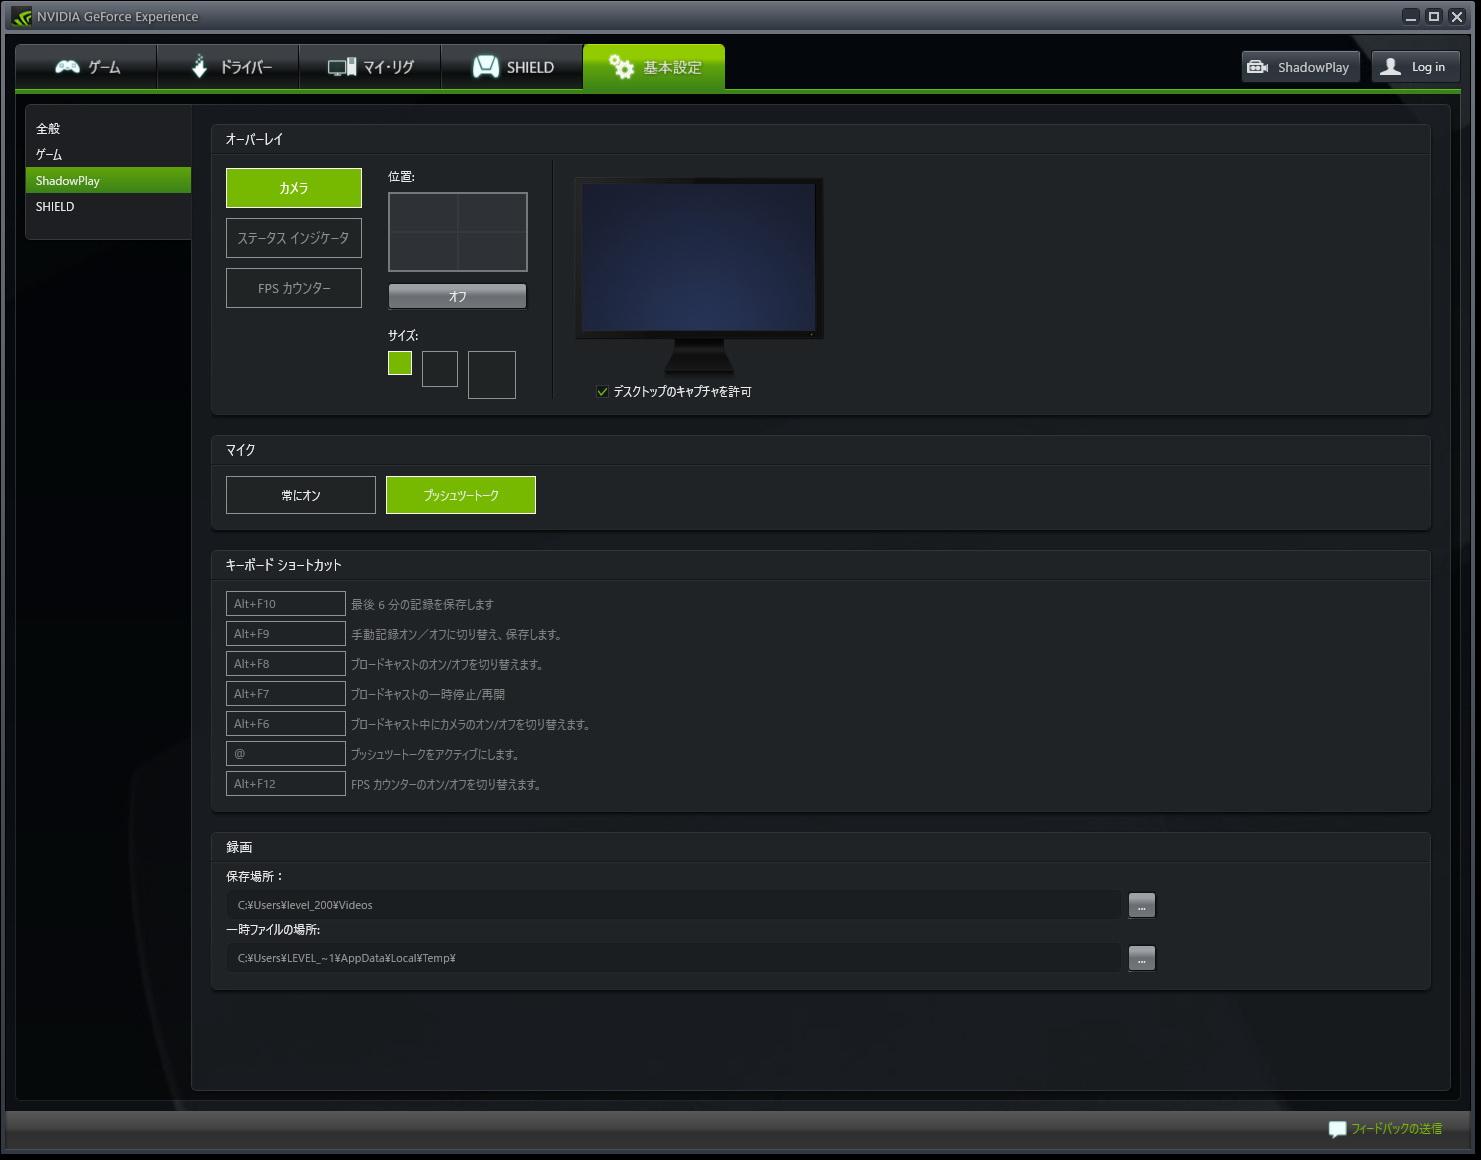 「GeForce Experience」の「基本設定」のタブをクリックし、左上の「ShadowPlay」を選択すると、このようにカメラの位置などの設定が行なえる